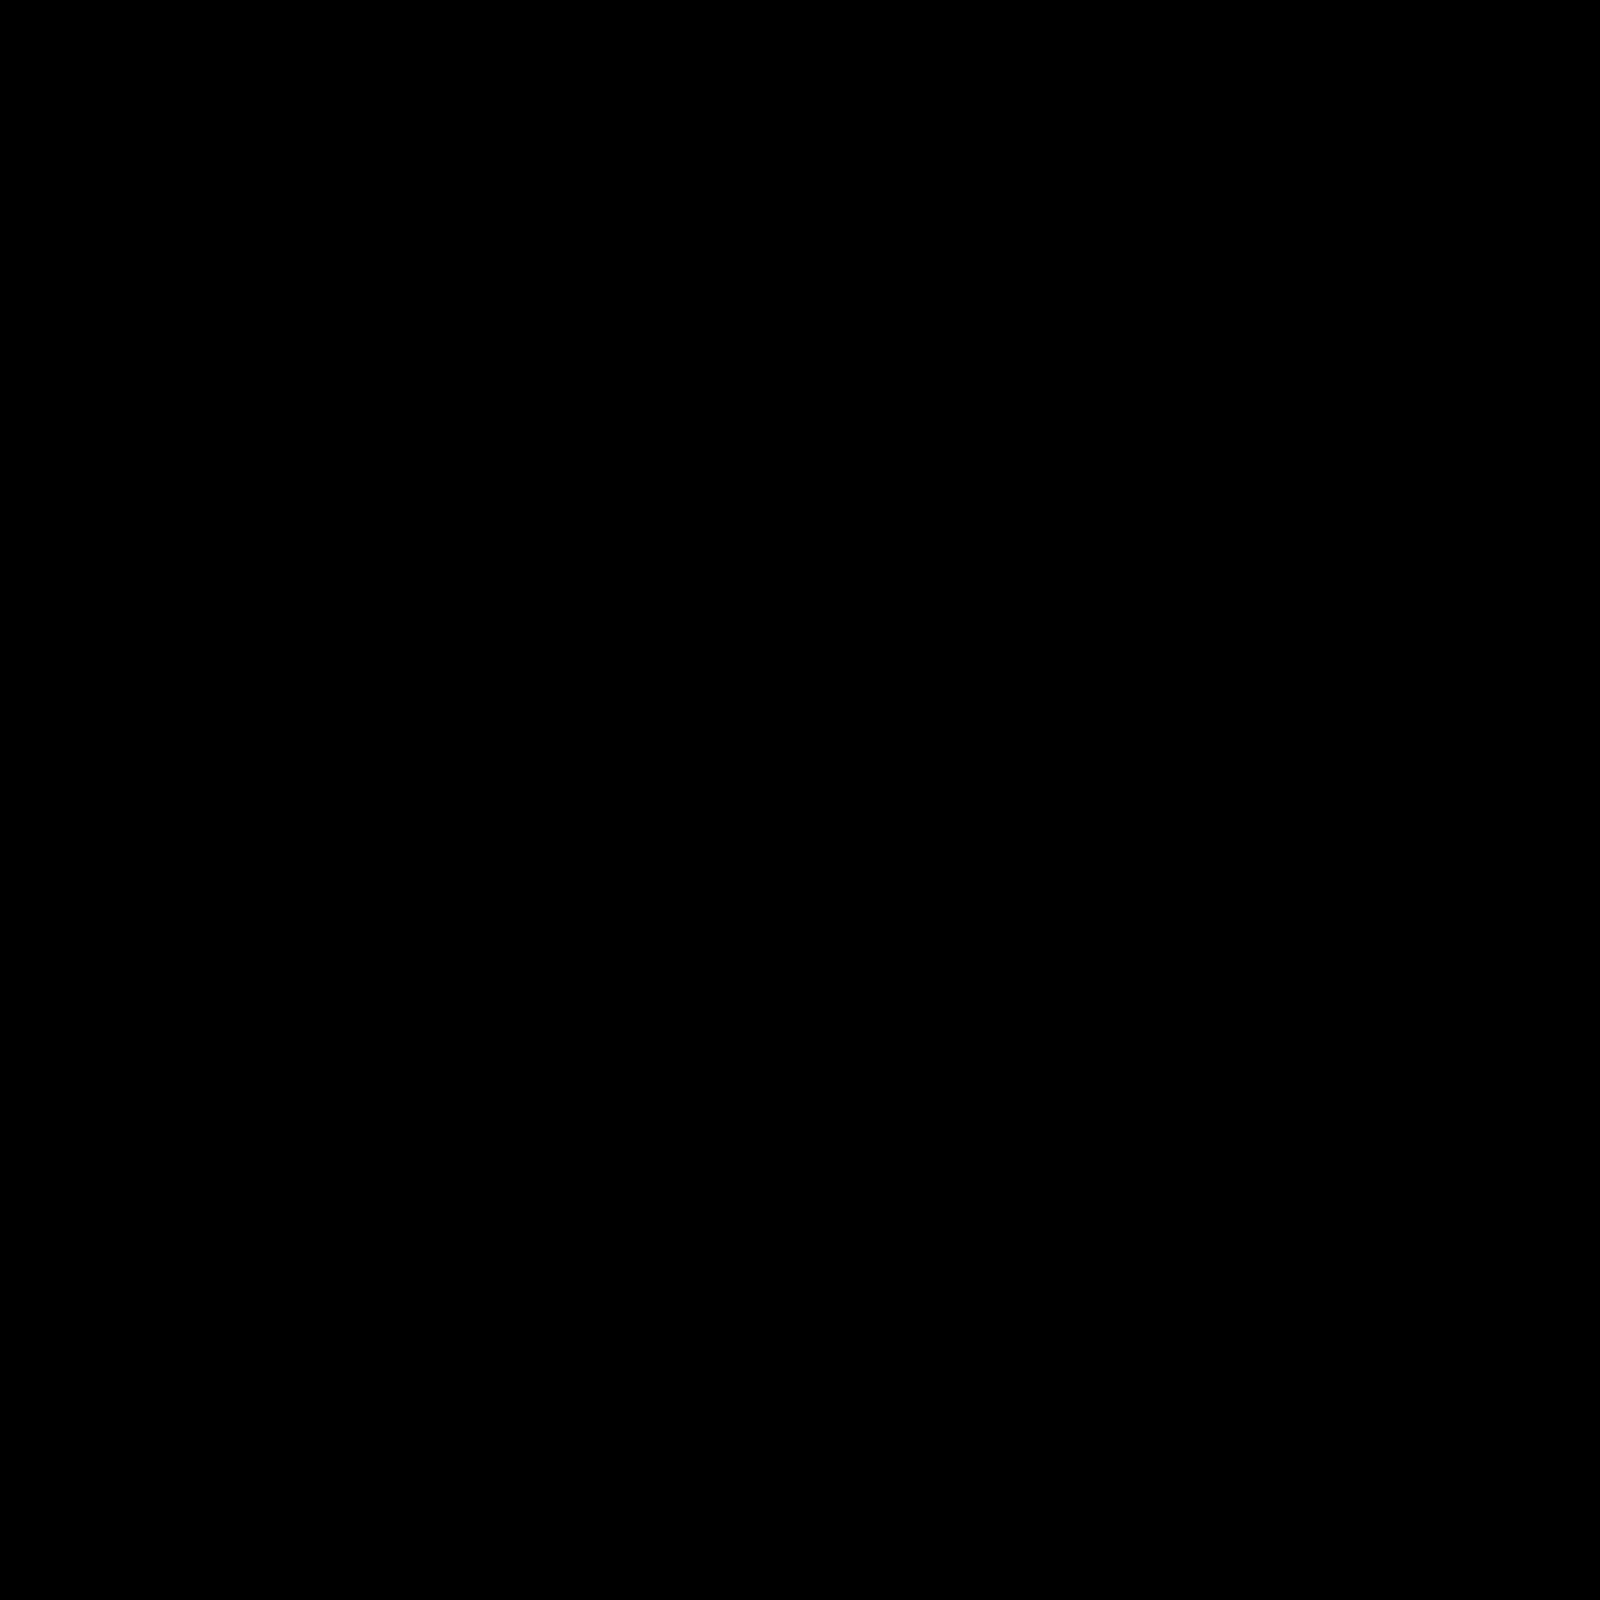 洁厕 icon. This is an image of a toilet bowl. The toilet bowl is seen from the front with a small rectangular base. Above the base is a semicircular bowl. The lid of the bowl is shown as two ovals, a larger one with a smaller oval in its center.